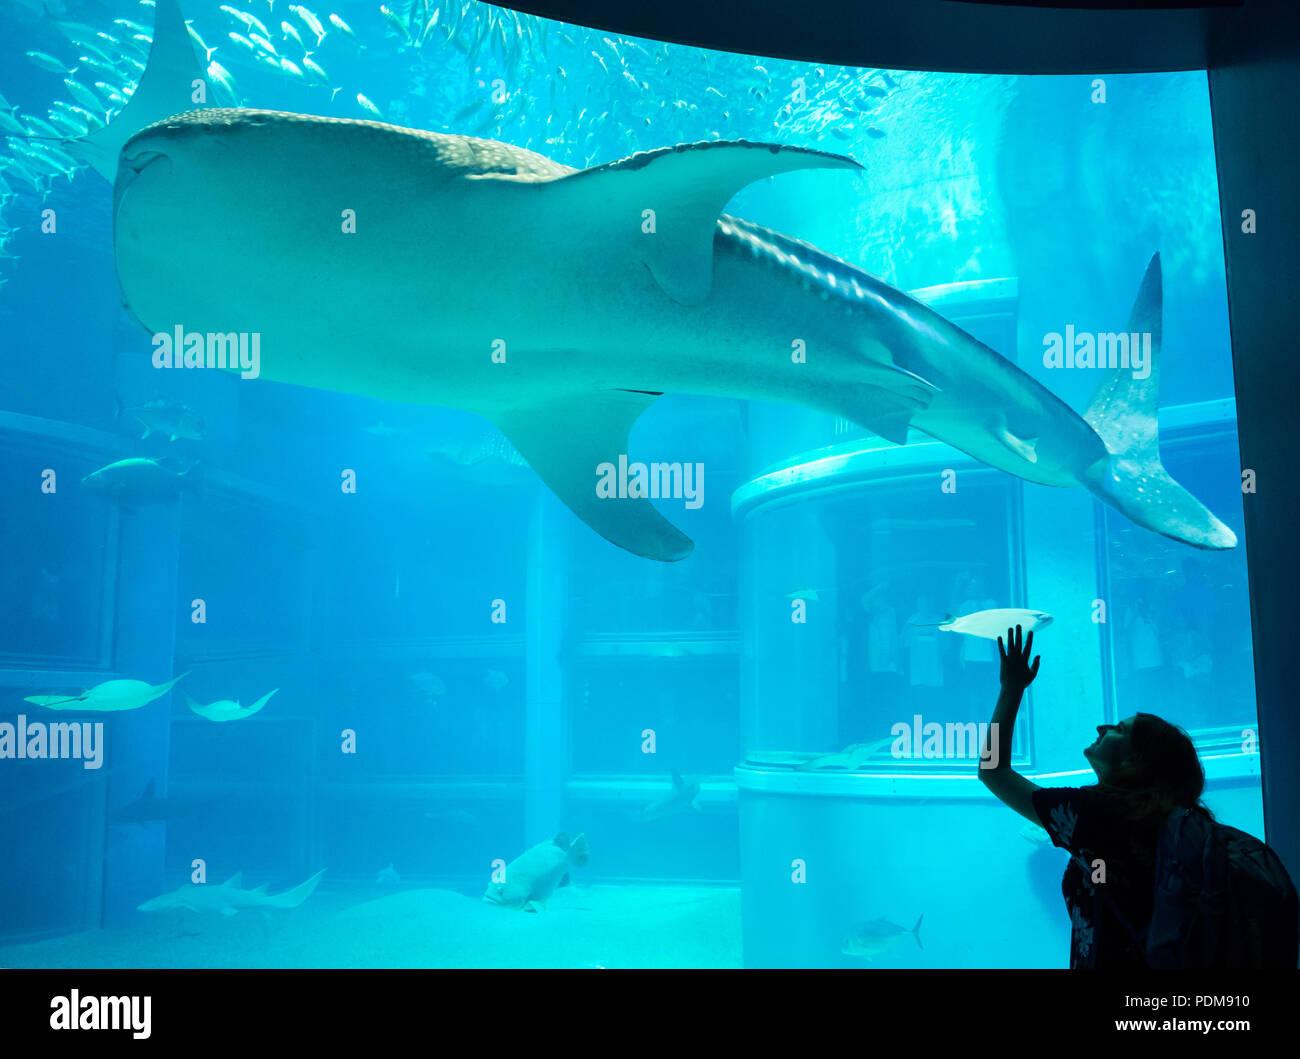 Una mujer ondas al tiburón ballena (Rhincodon typus) en el Océano Pacífico, exposición en Acuario Osaka Kaiyukan de Osaka, Japón. Imagen De Stock